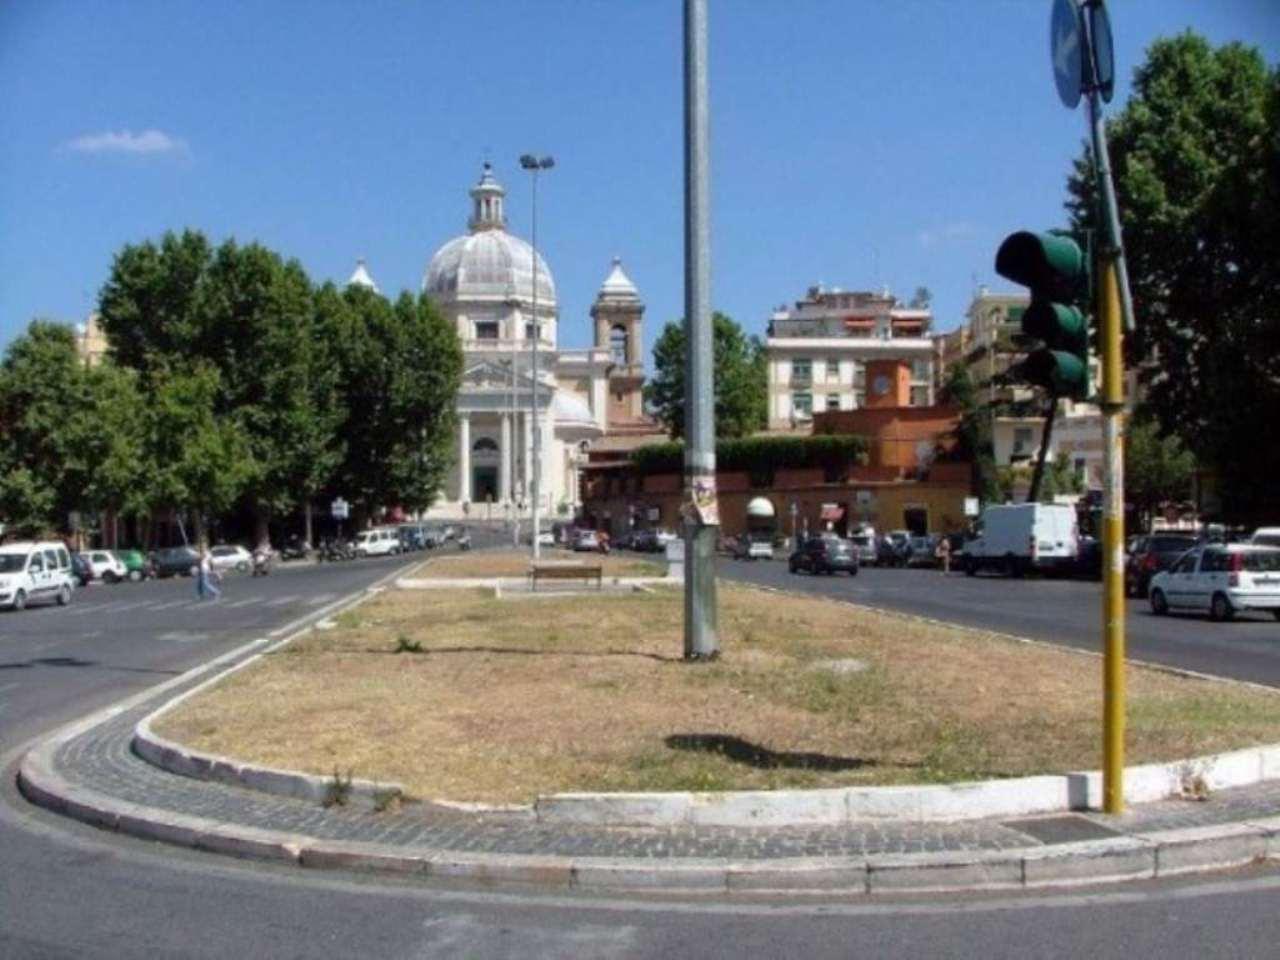 Ristorante / Pizzeria / Trattoria in affitto a Roma, 1 locali, zona Zona: 2 . Flaminio, Parioli, Pinciano, Villa Borghese, prezzo € 10.000 | Cambio Casa.it